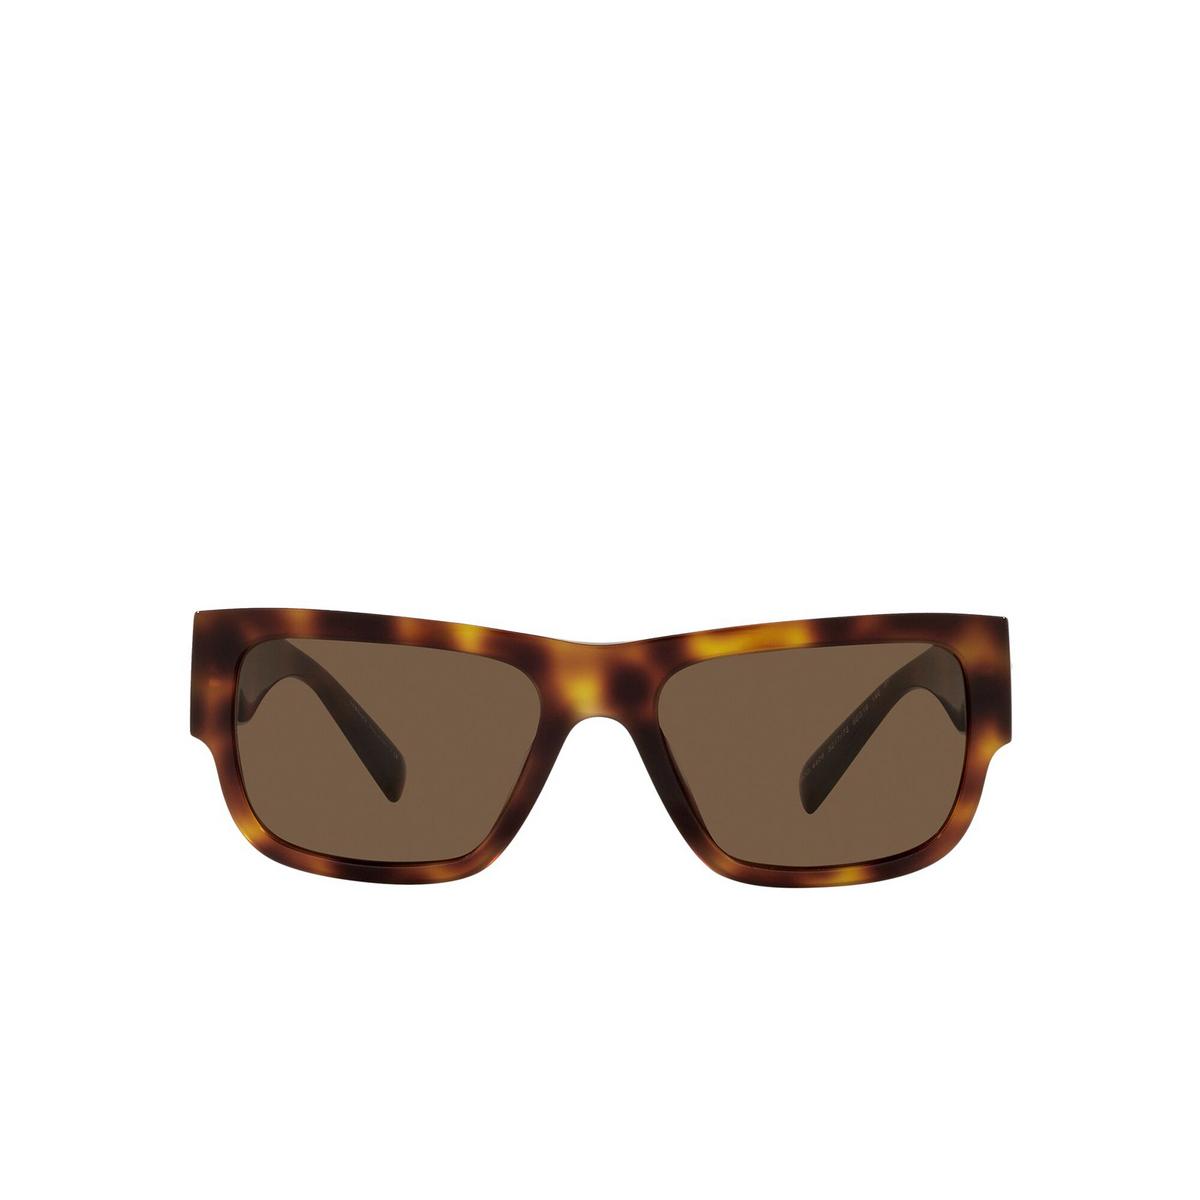 Versace® Rectangle Sunglasses: VE4406 color Havana 521773 - front view.